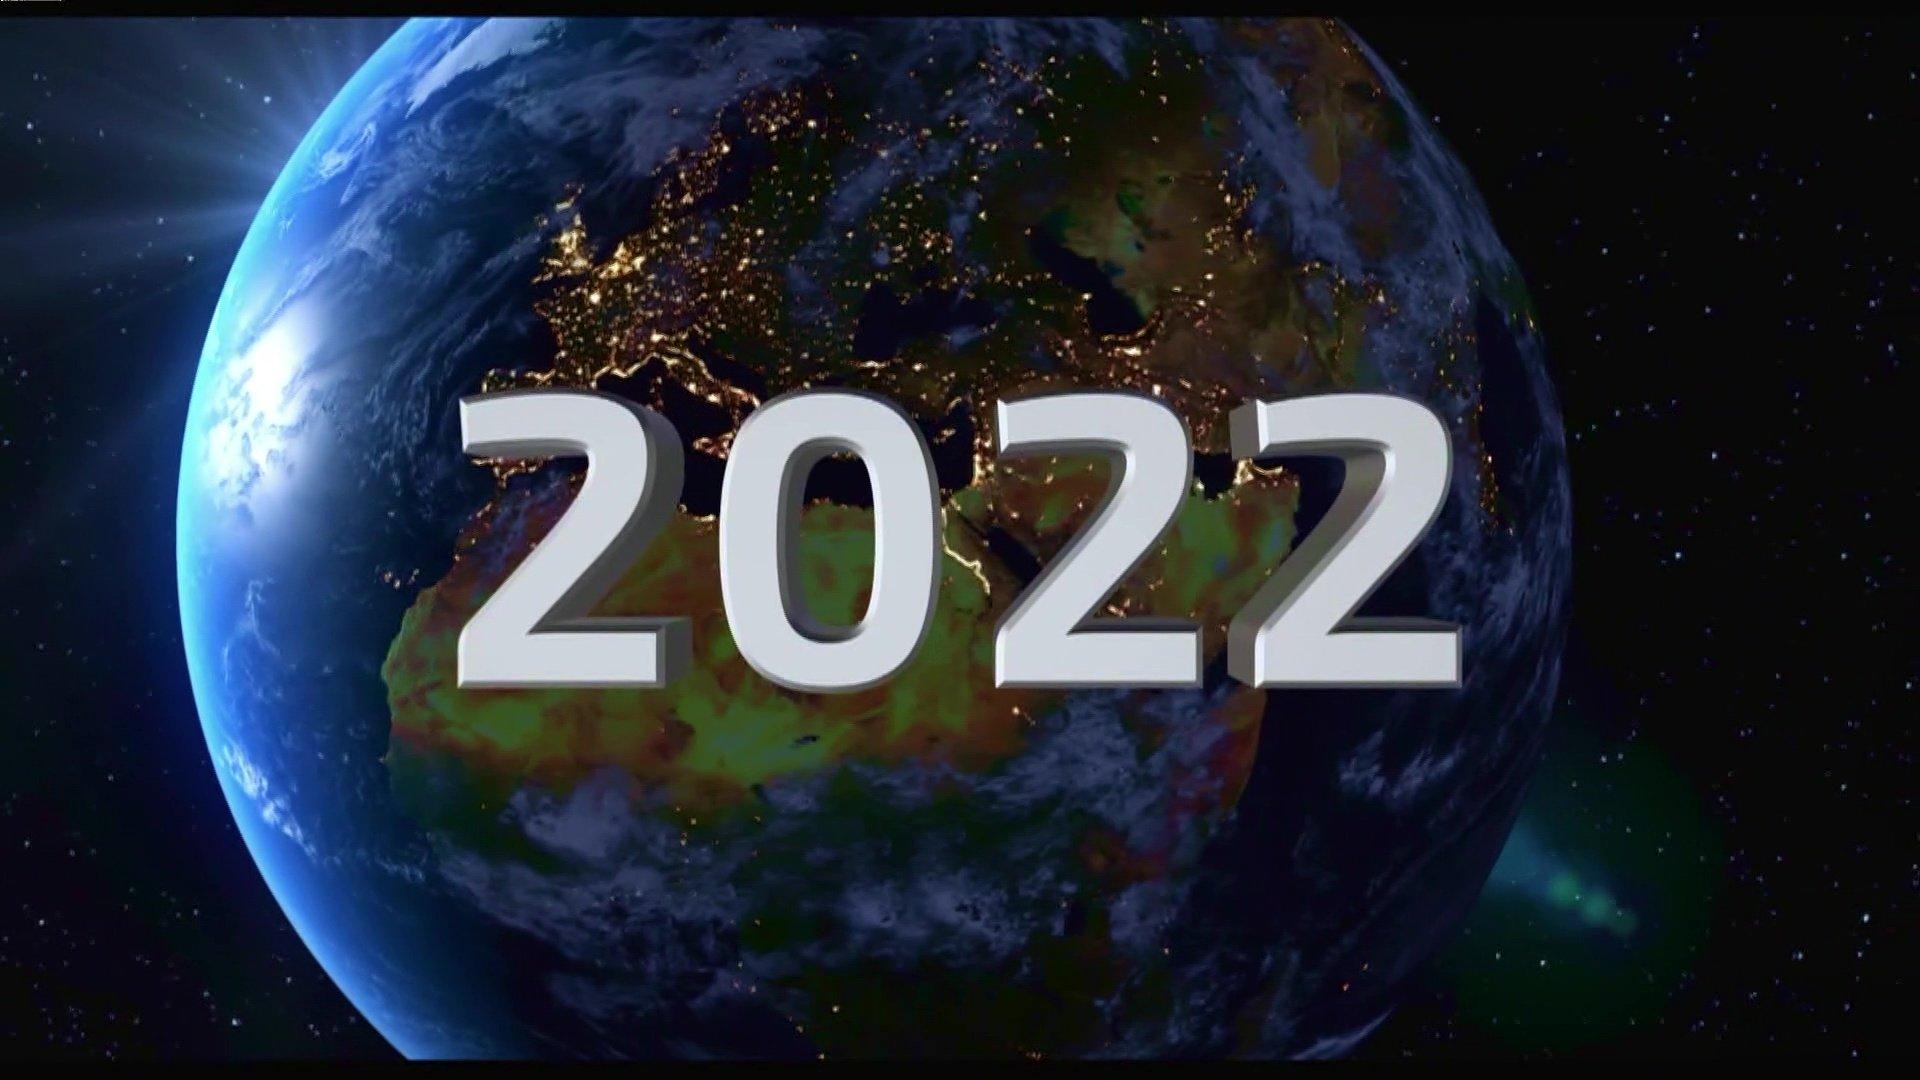 vlcsnap-2020-10-01-17h07m51s265.jpg